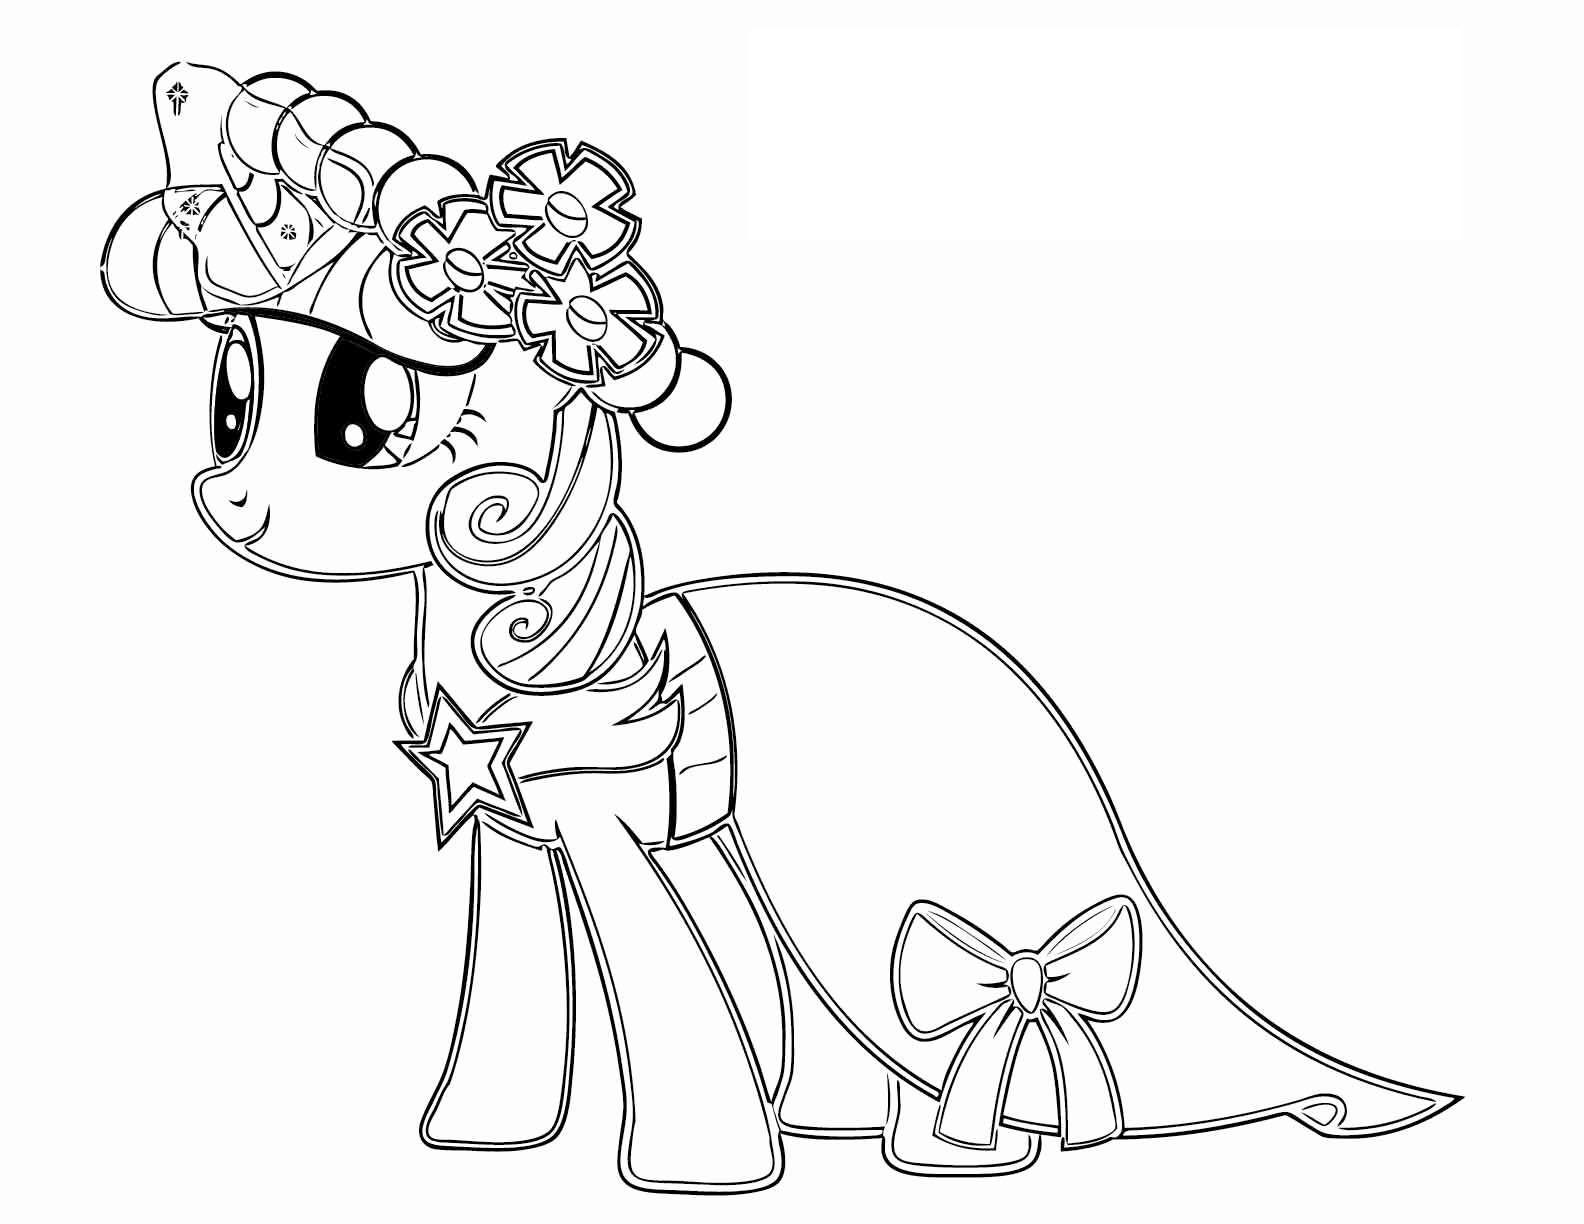 Tranh tô màu ngựa Pony cho bé gái